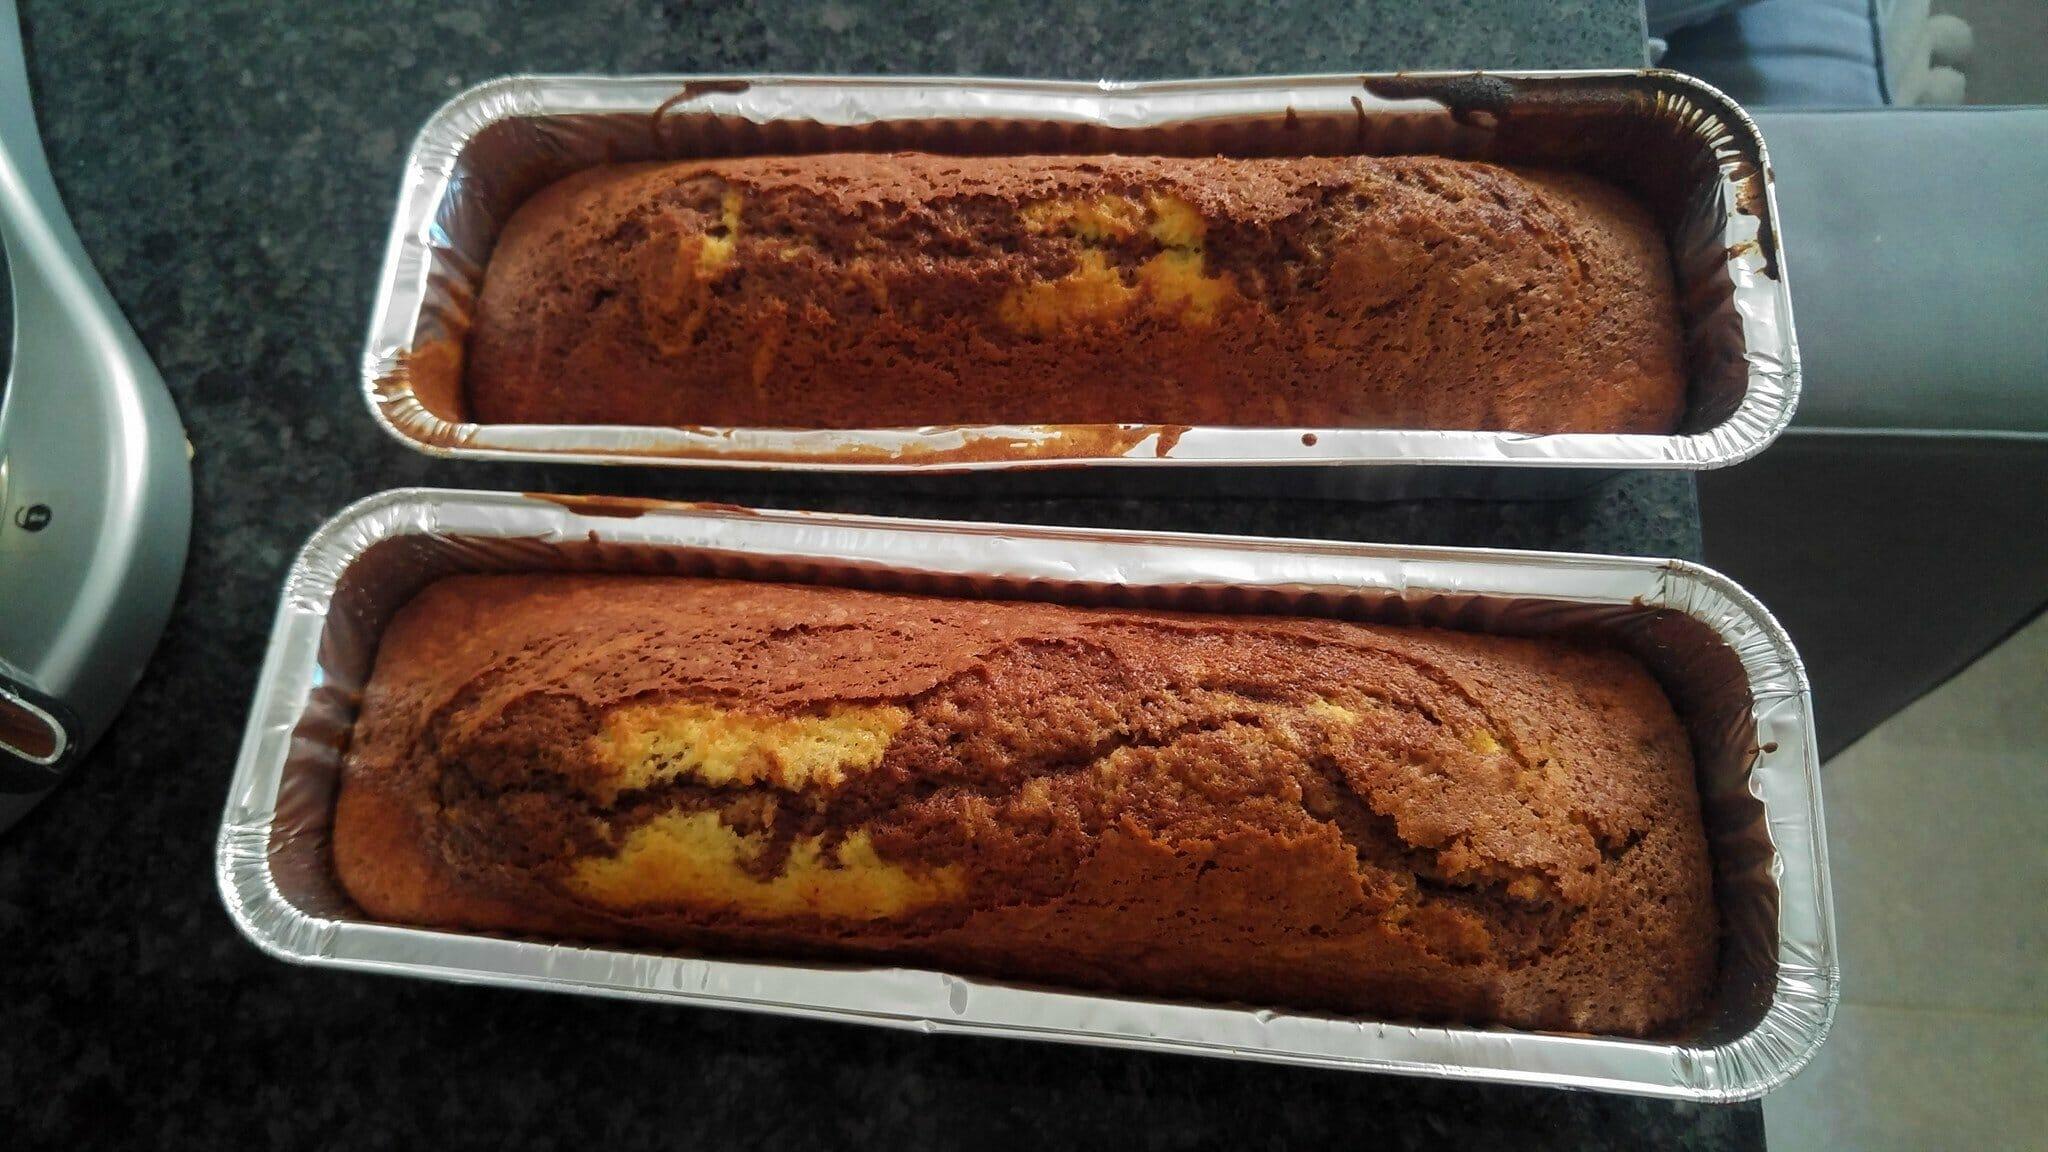 עוגת תפוזים ליום כיפור מושלמת לצאת הצום